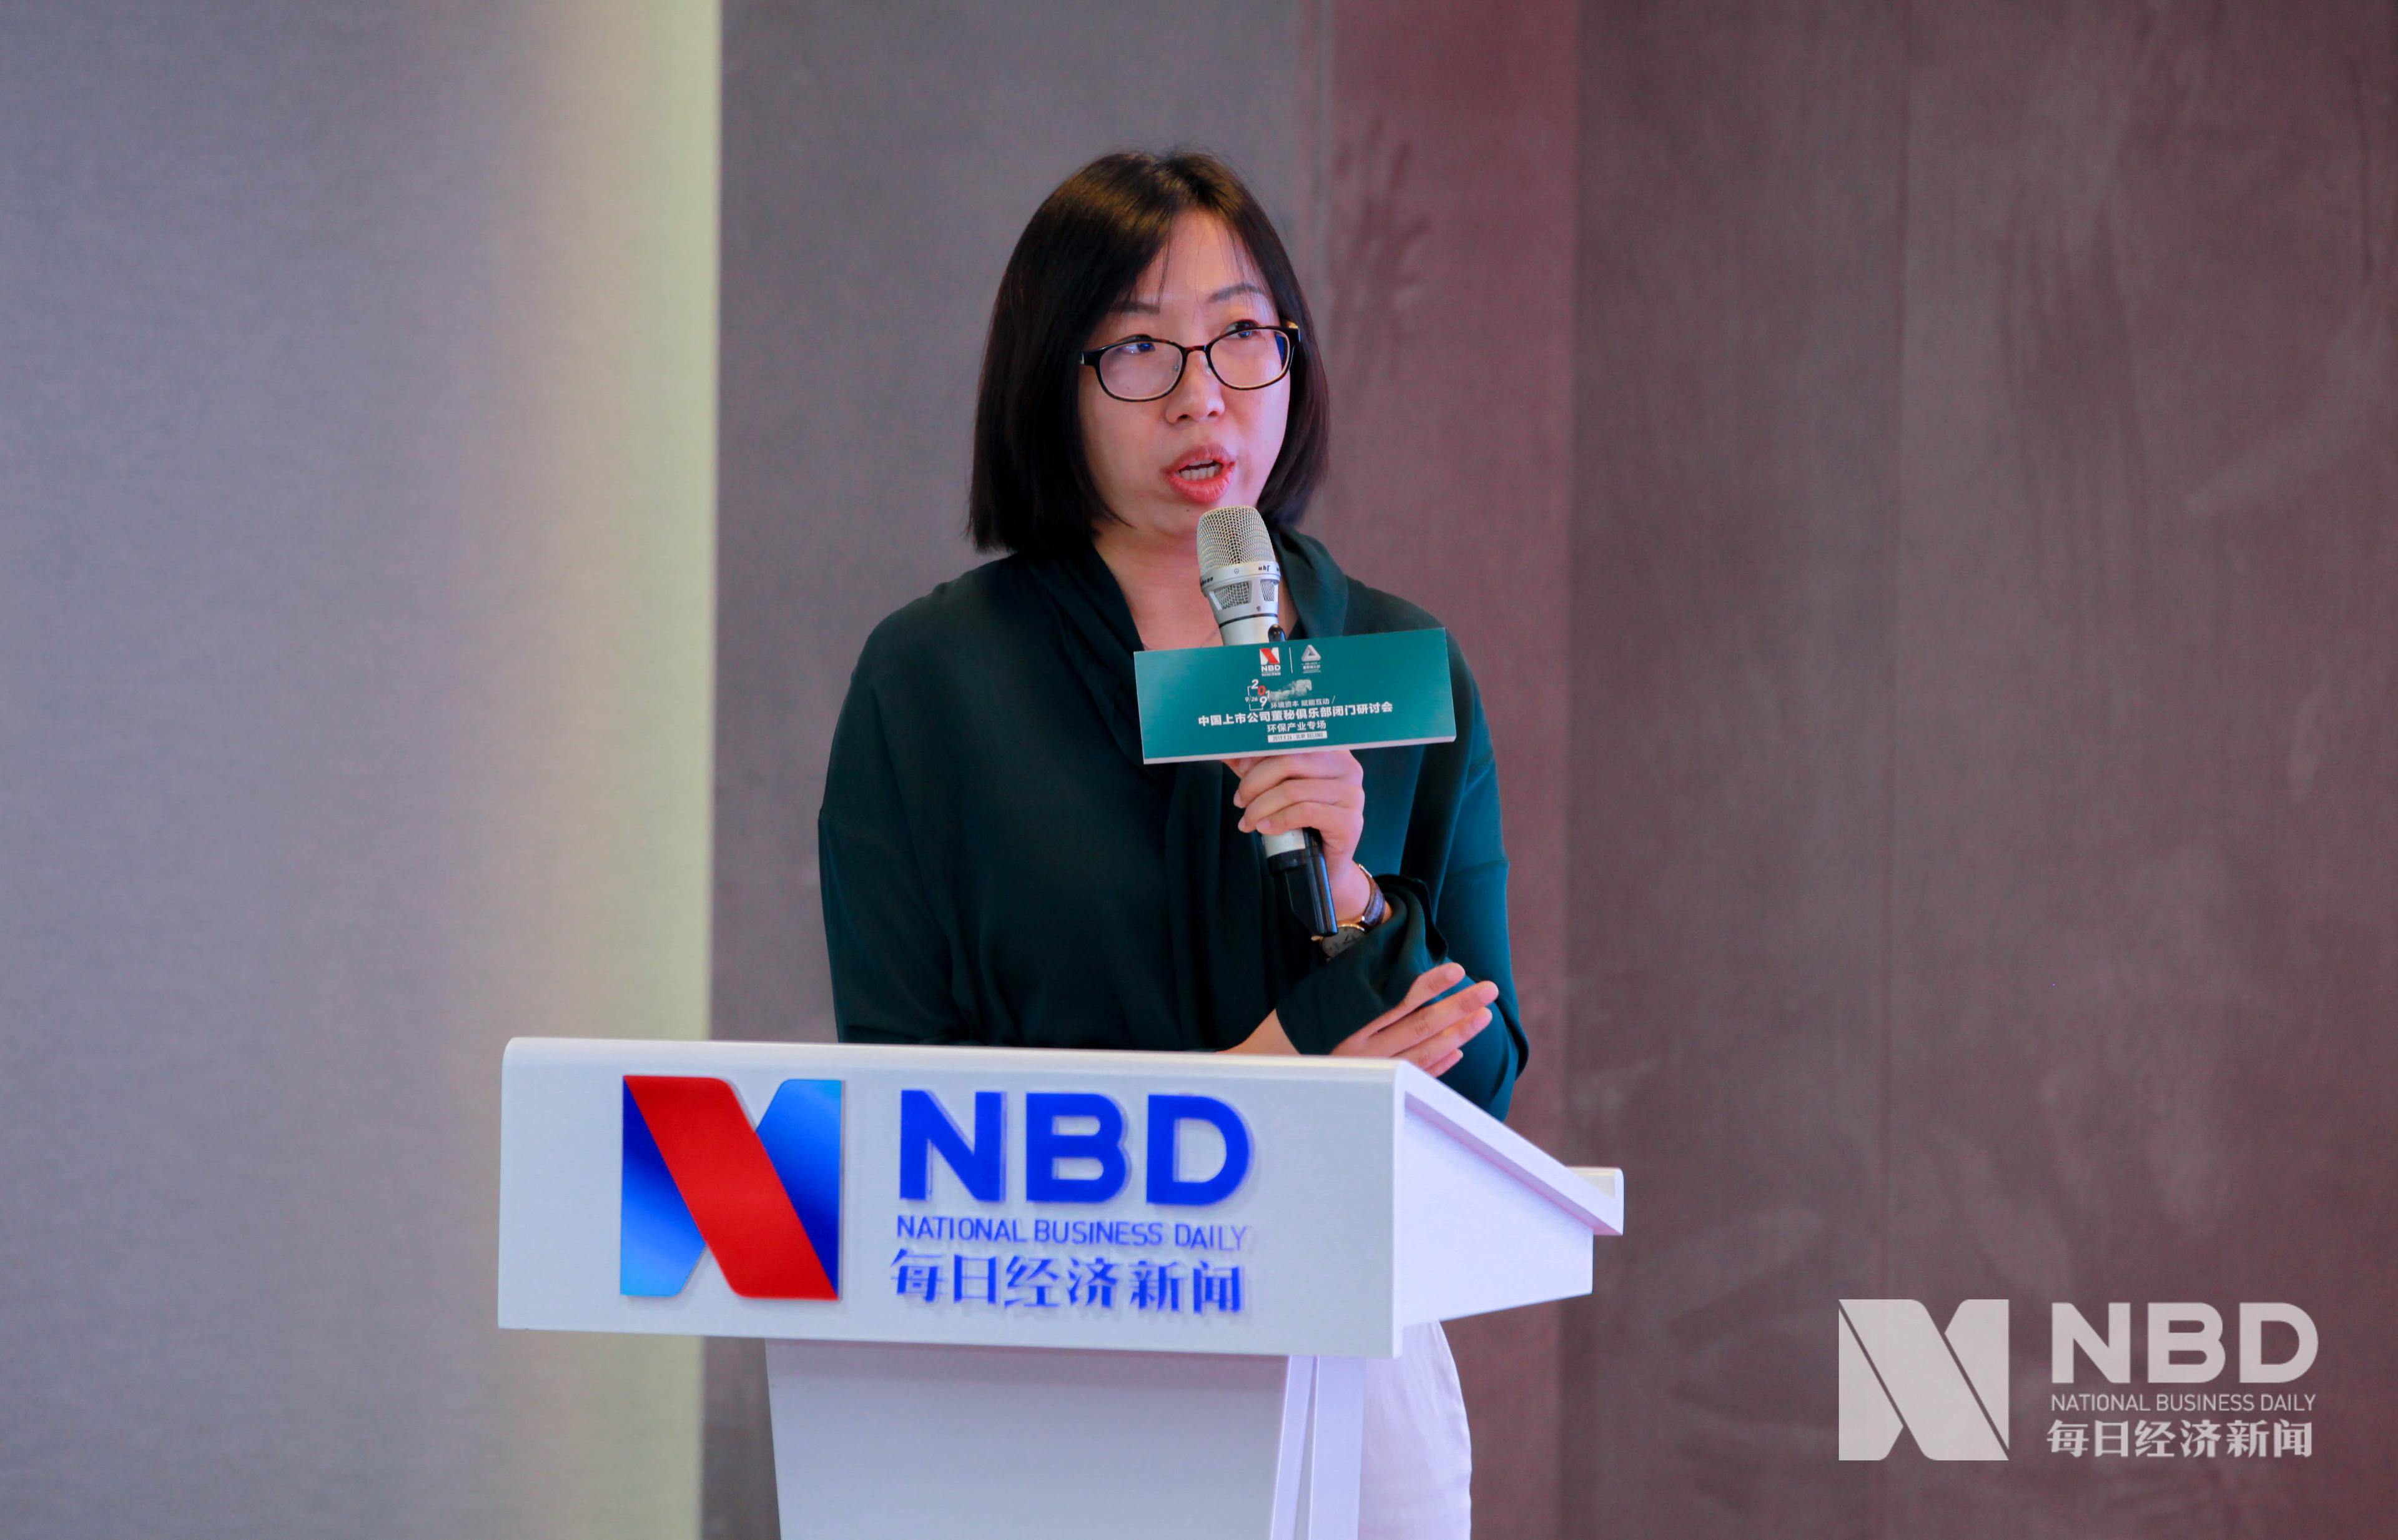 社科院可持續發展研究中心劉君言:解決環境問題 綠色金融能起核心作用